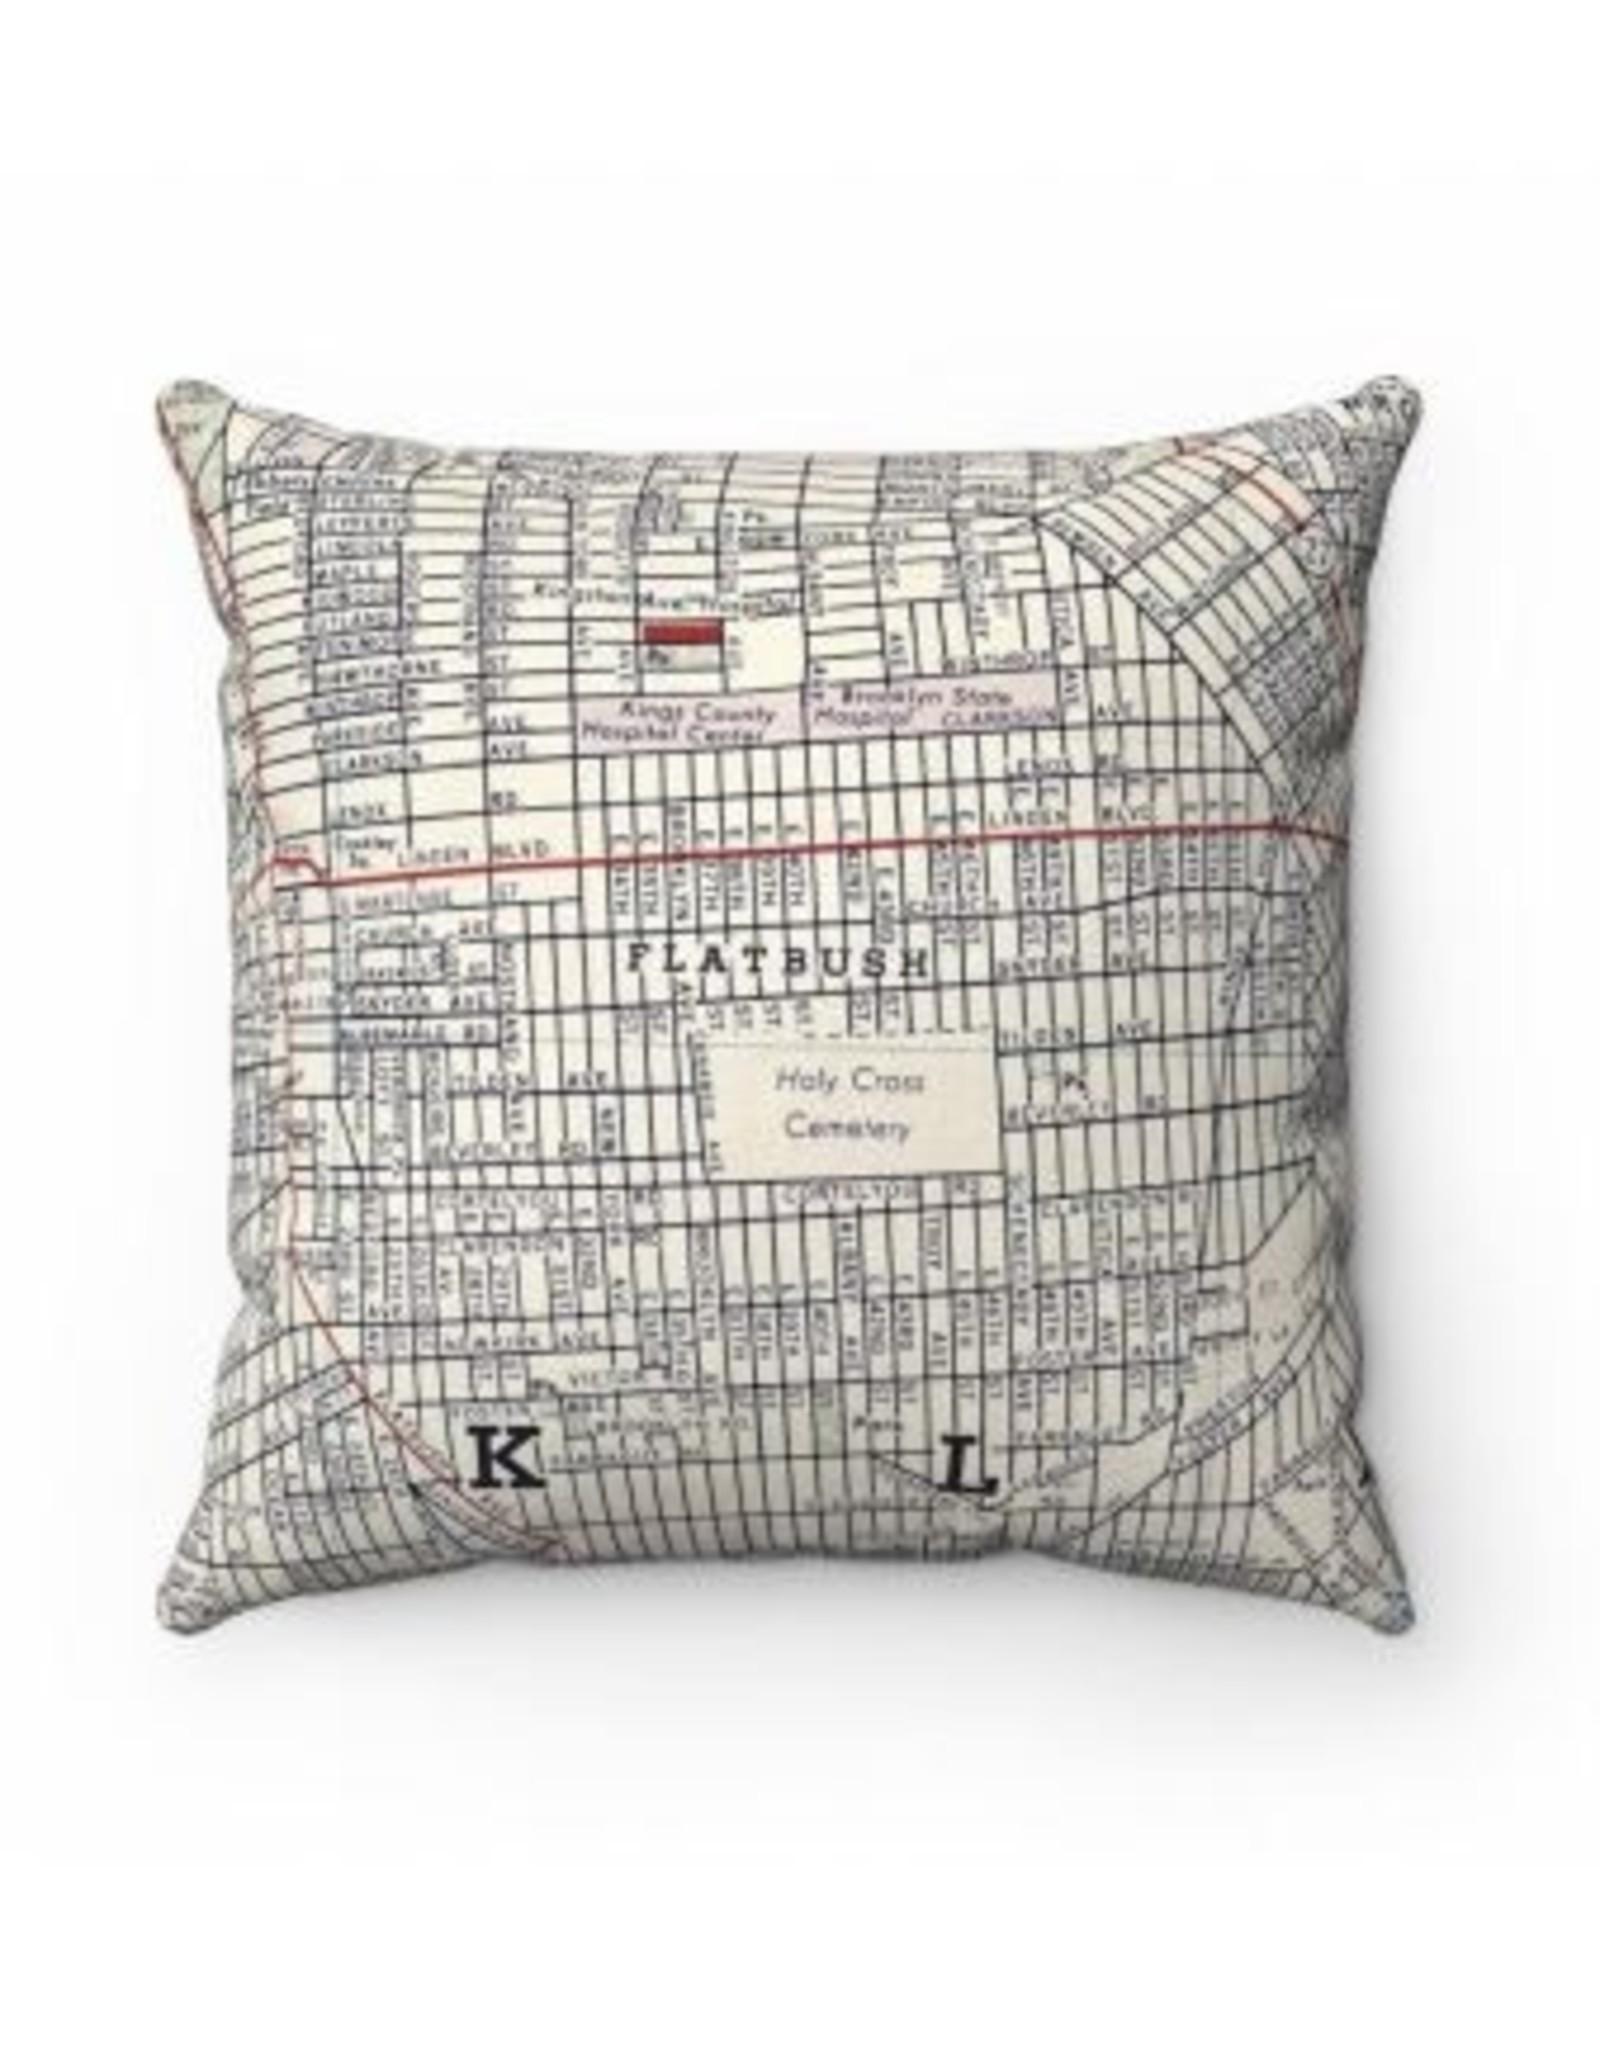 Daisy Mae Designs Pillow Brooklyn